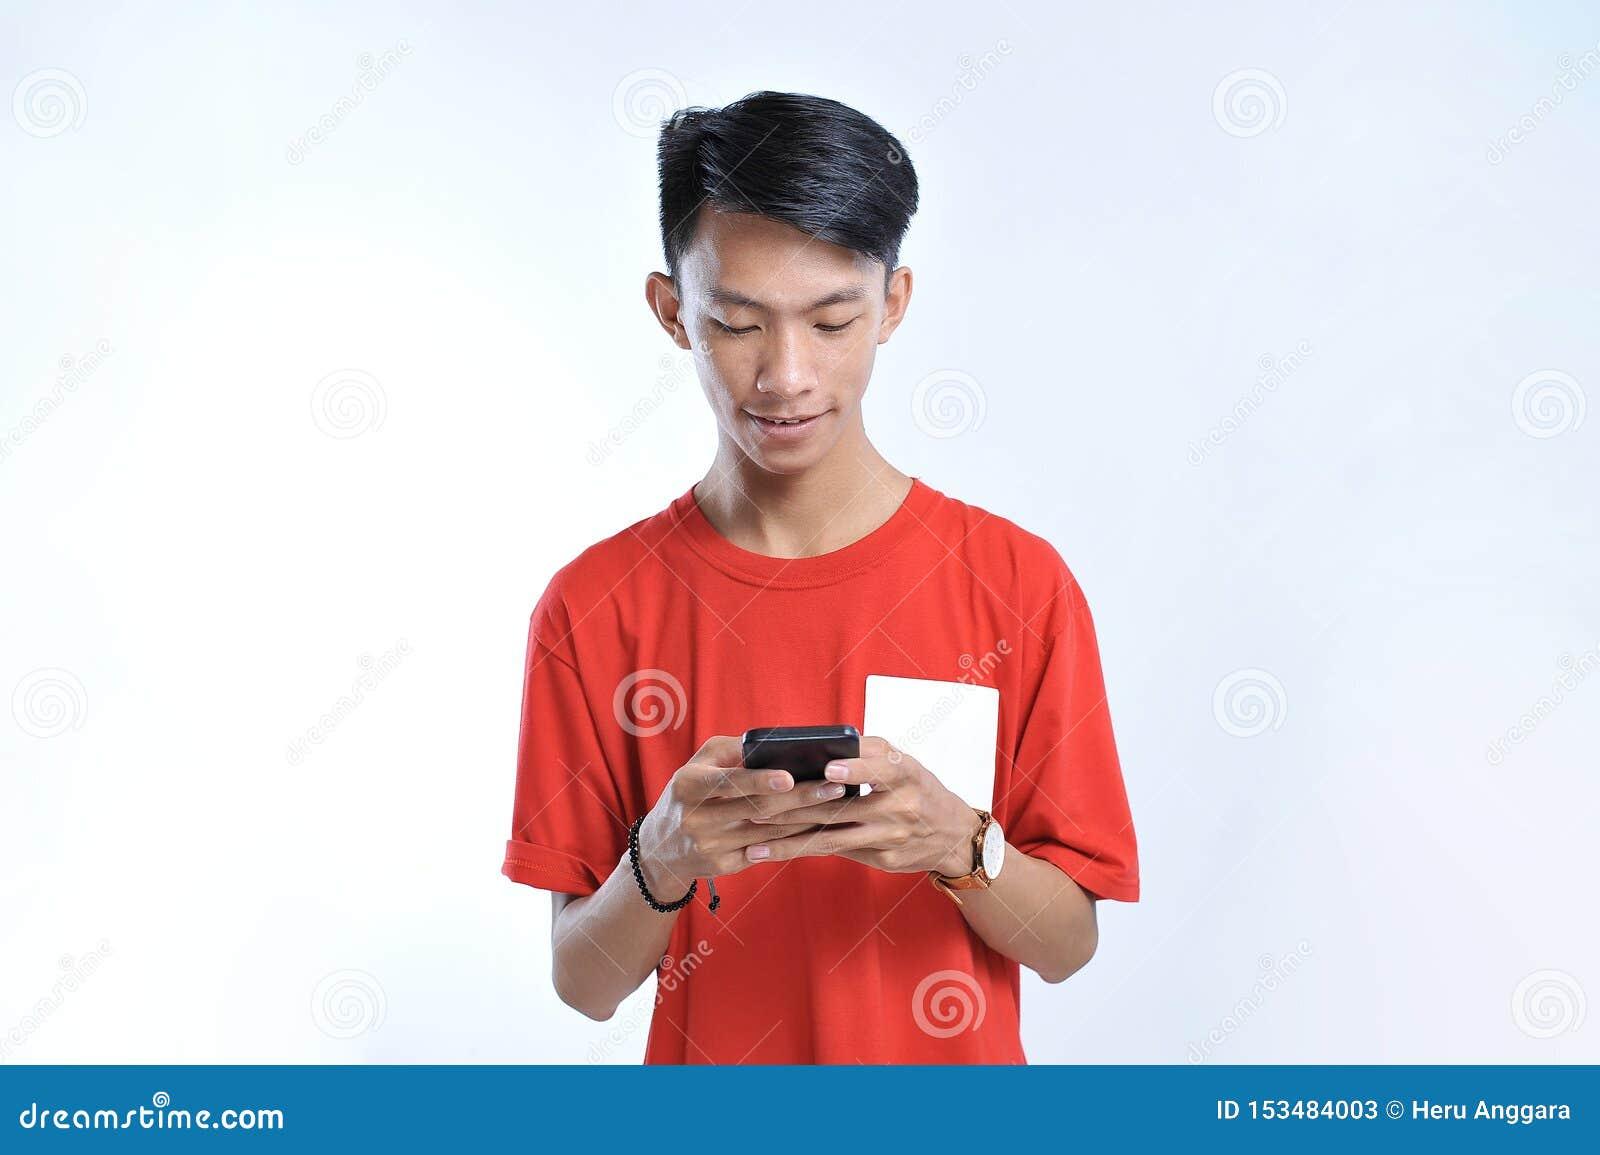 Het portret van een jonge studenten Aziatische mens die op mobiele telefoon spreken, spreekt gelukkige glimlach